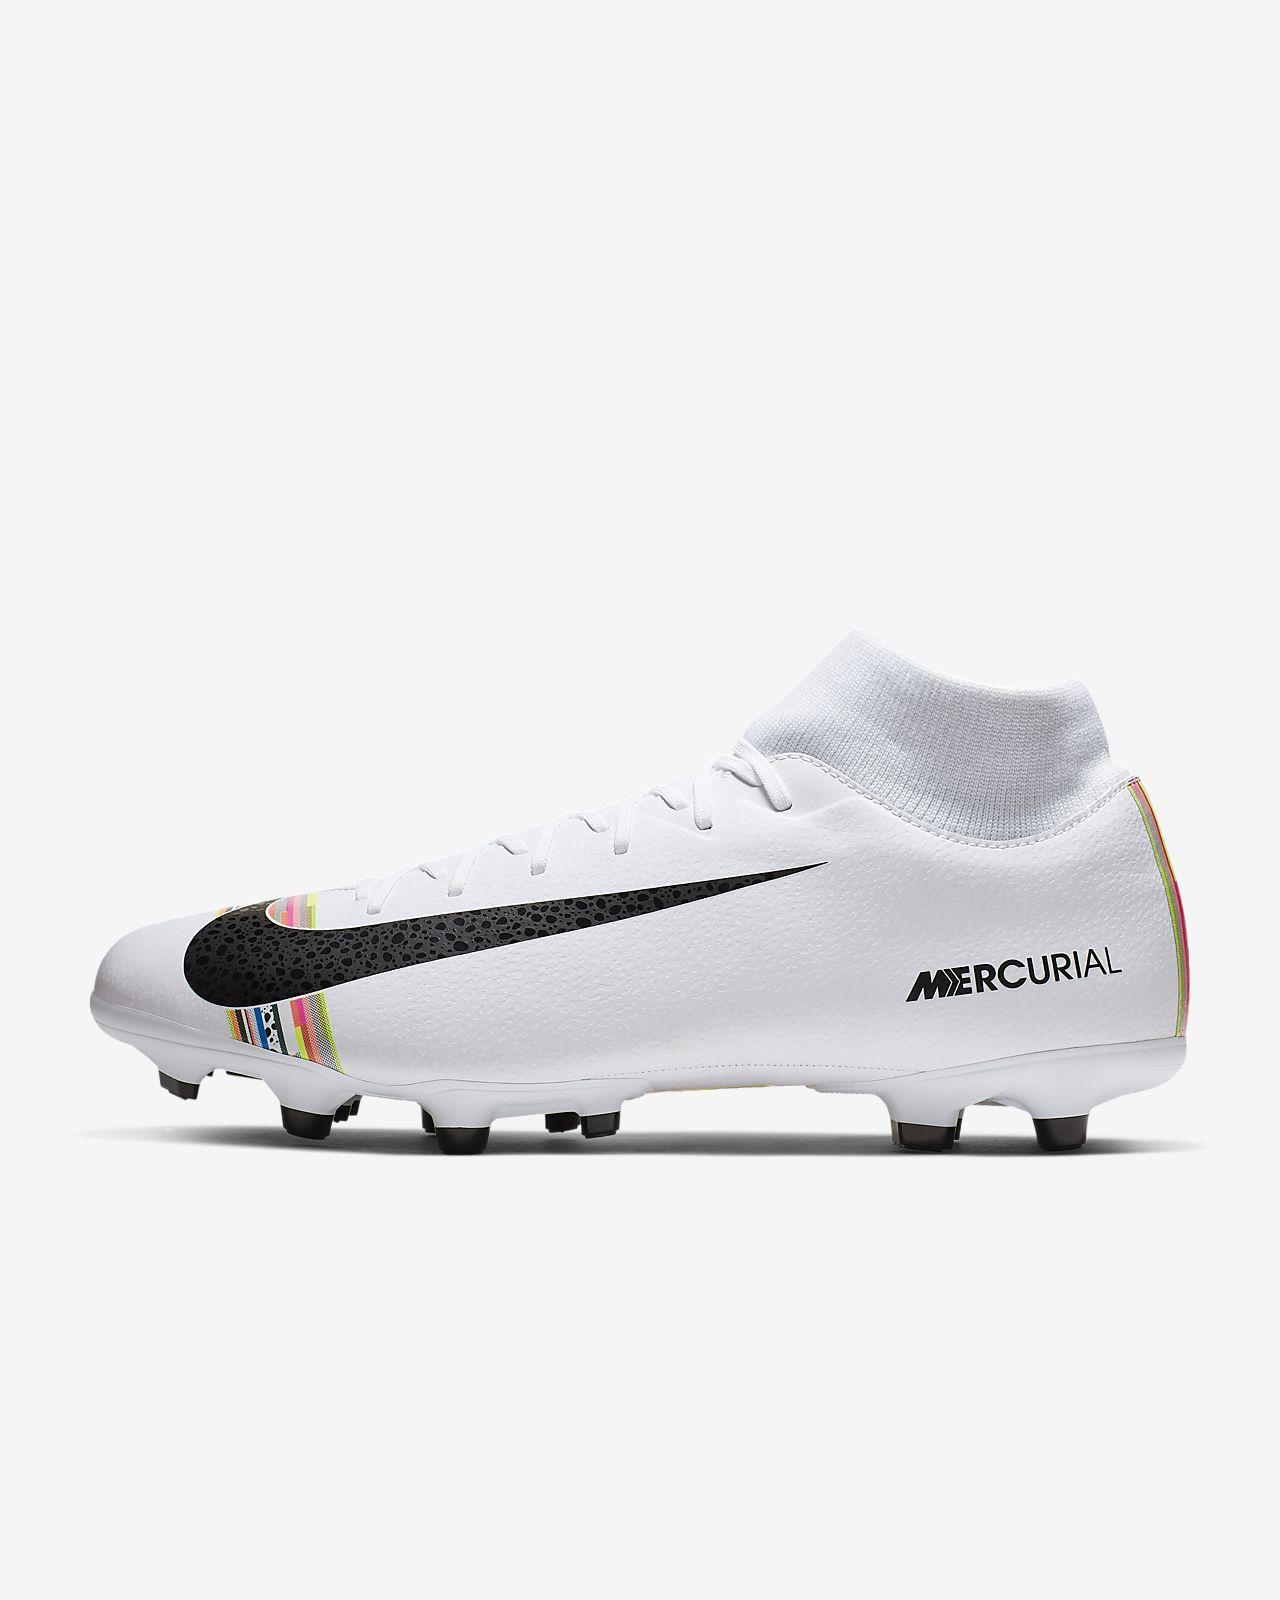 d949118e50c15 ... Kopačka Nike Mercurial Superfly 6 Academy LVL UP MG na různé povrchy